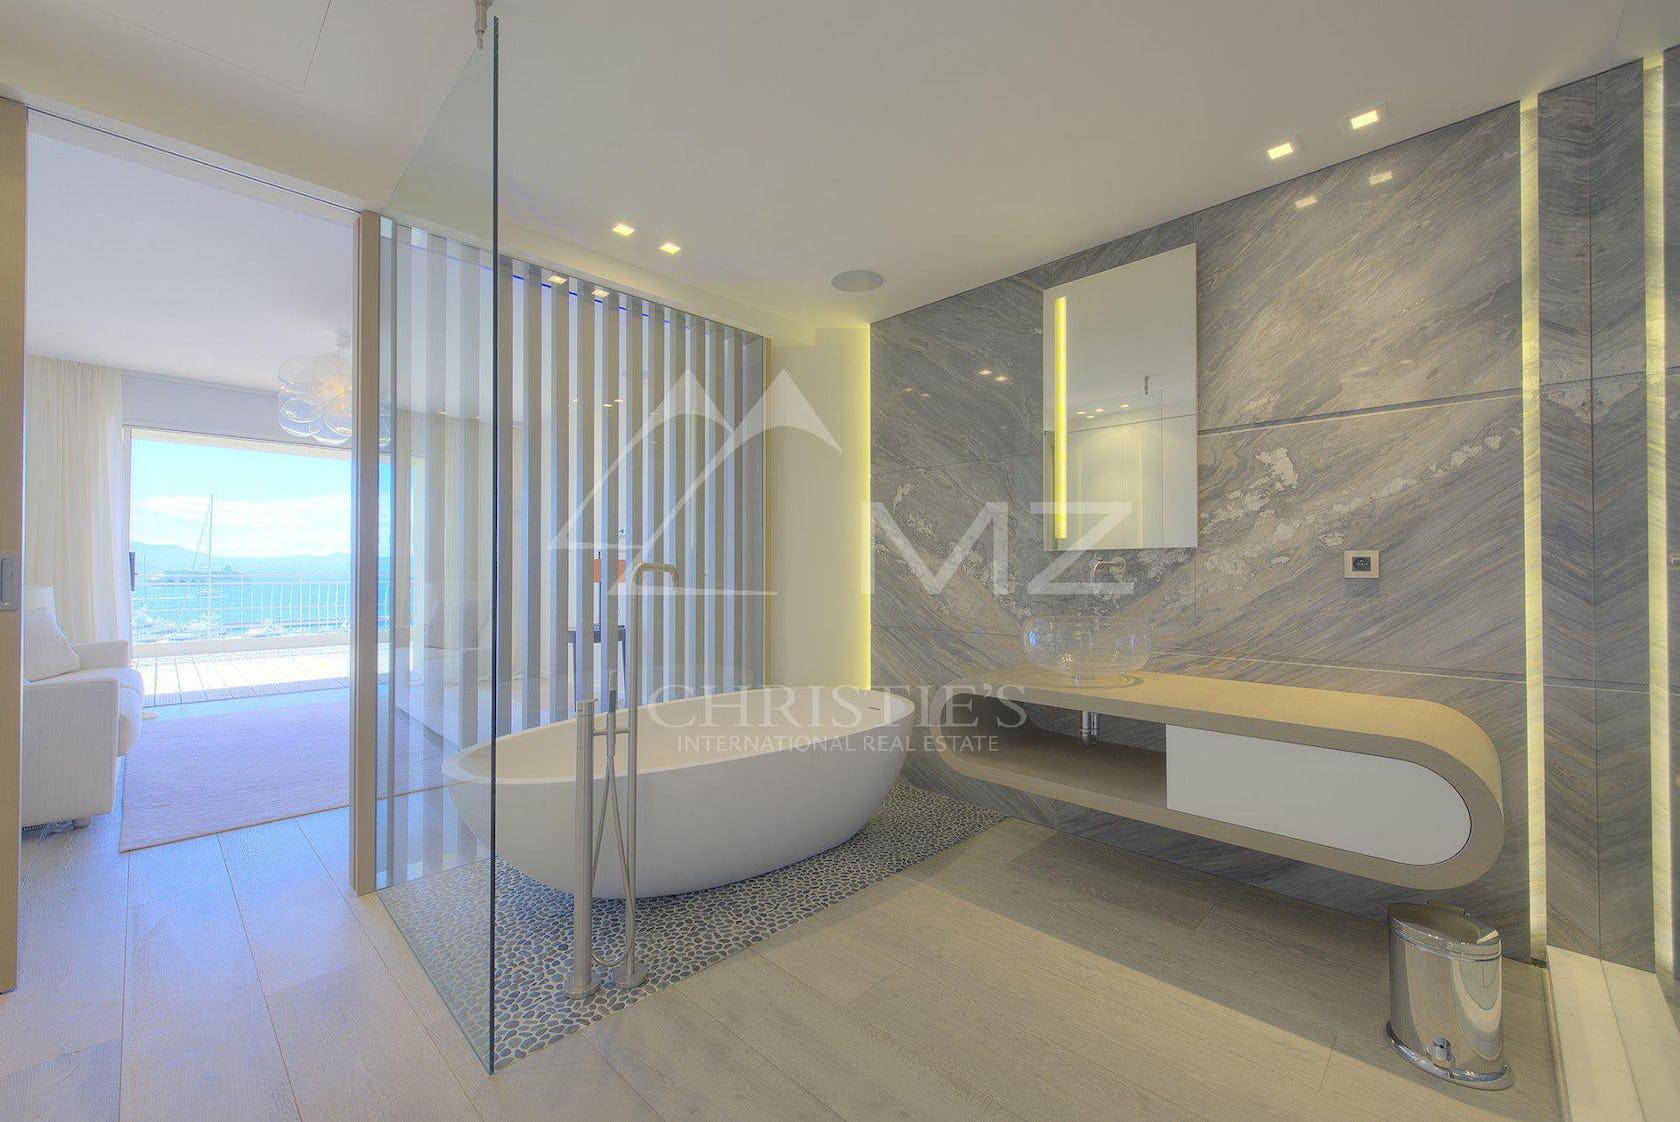 interior design indoors flooring tub bathtub floor room